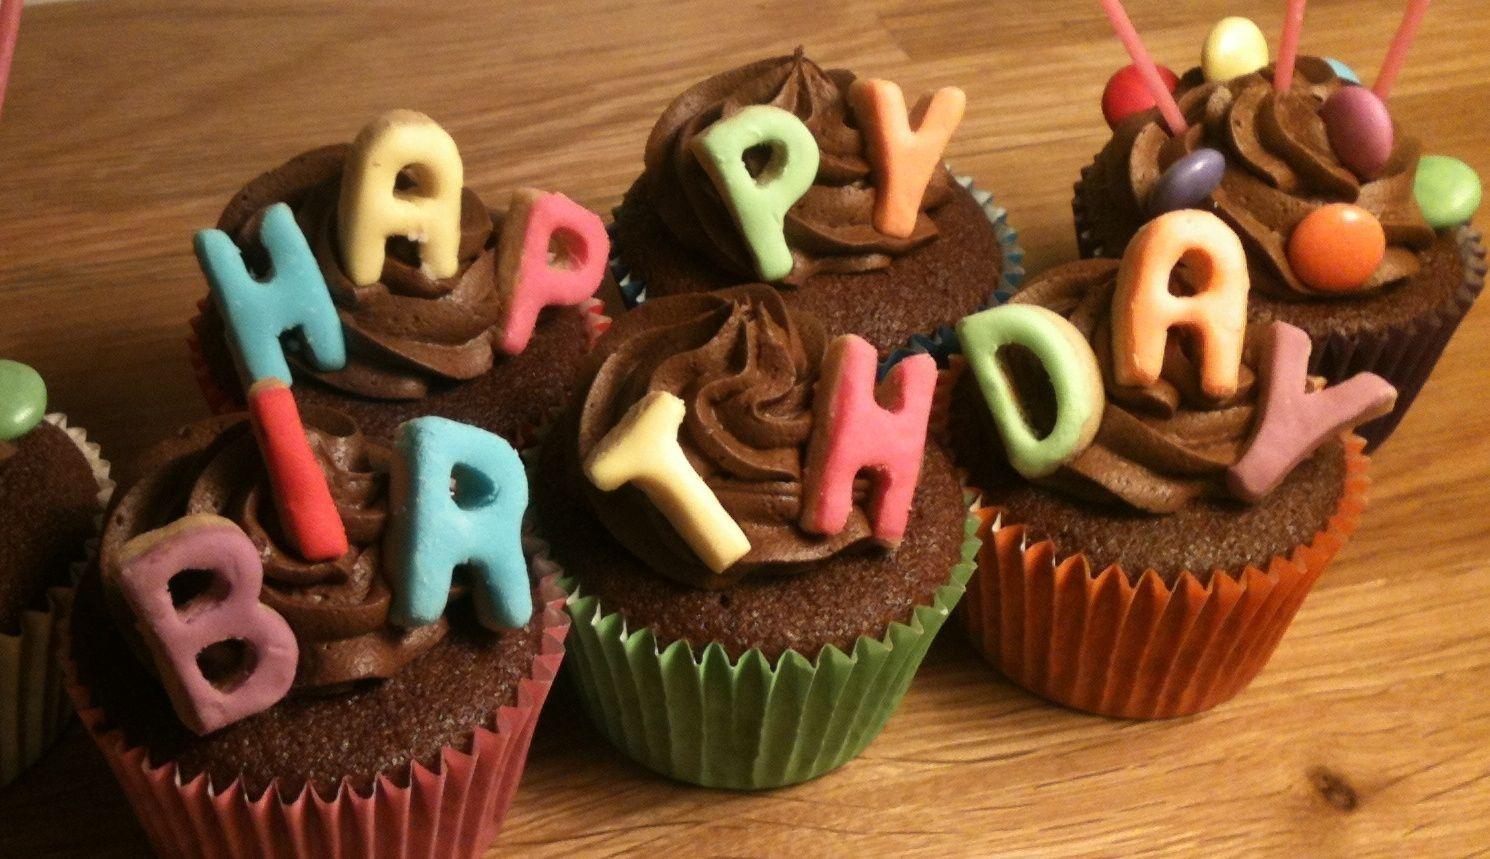 happybirthdaycupcakes-1.jpg